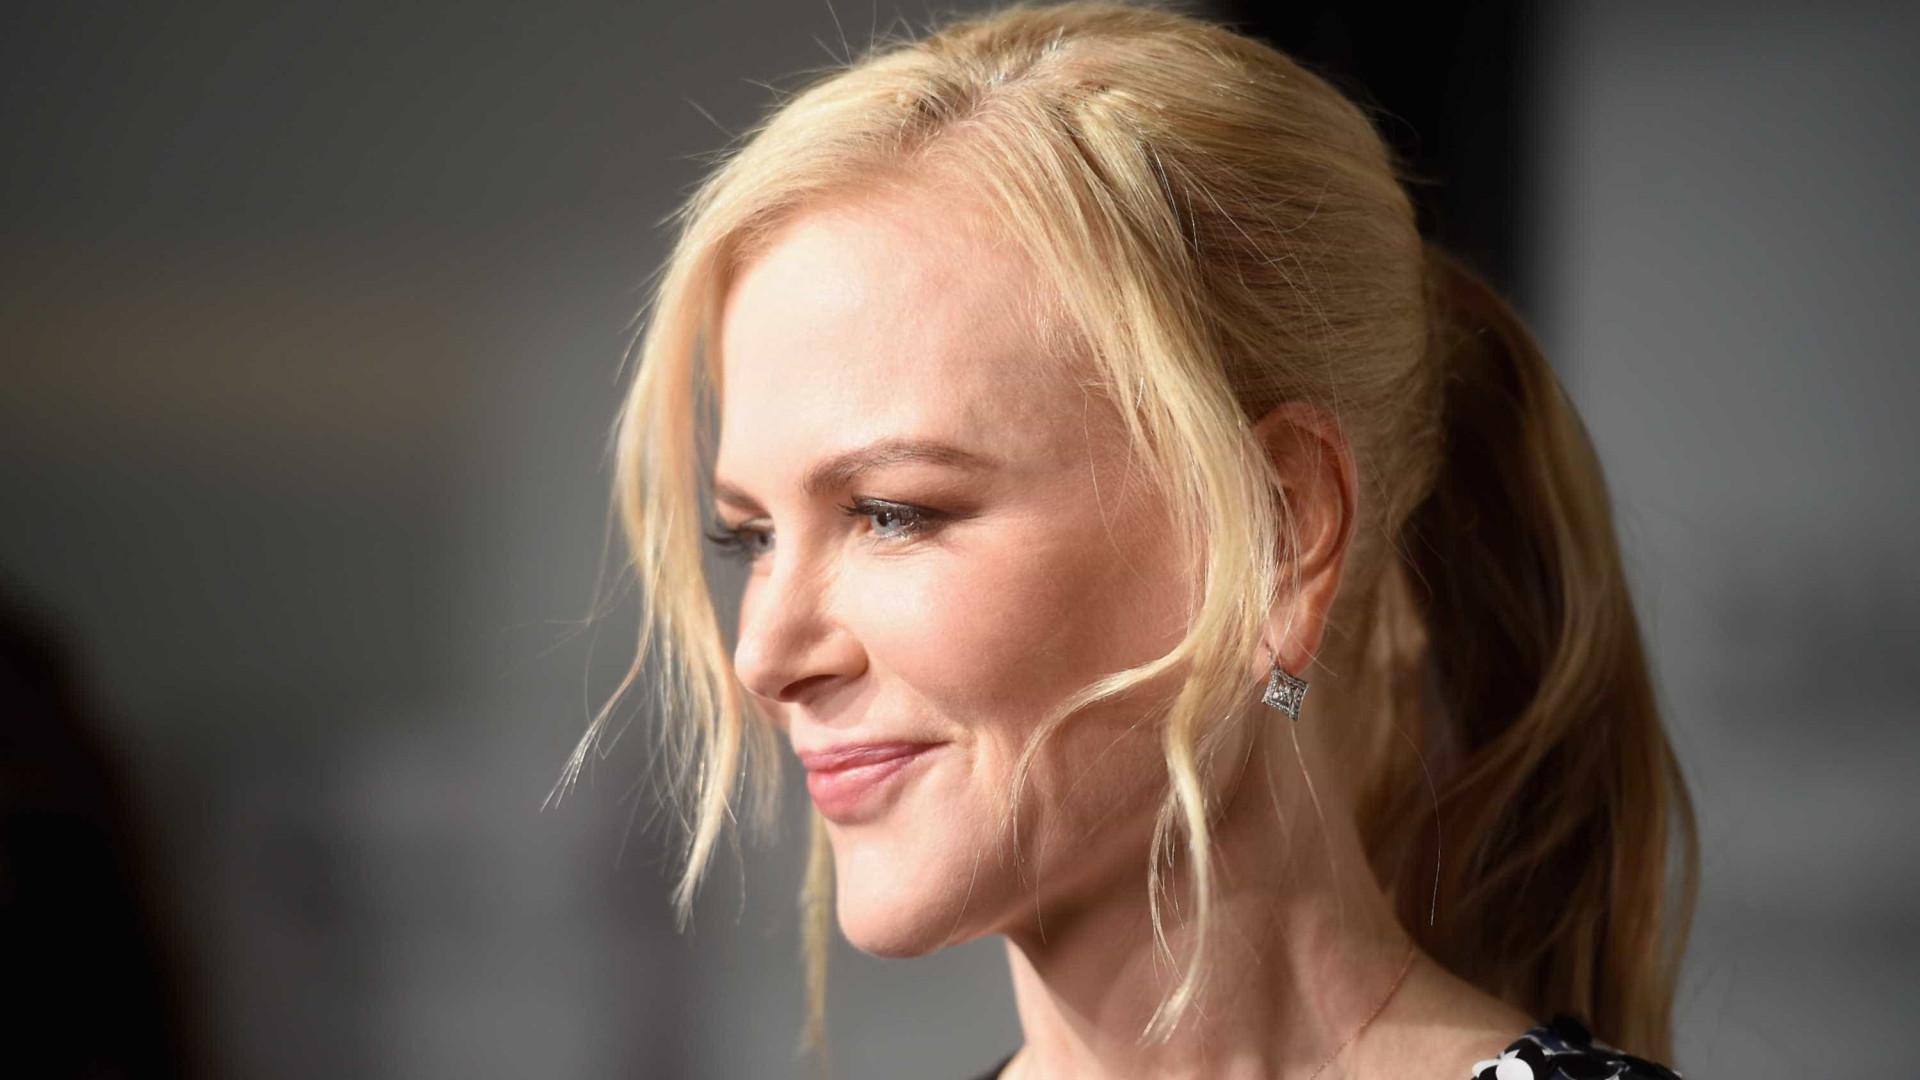 Vídeo: Nicole Kidman prova vários tipos de insetos